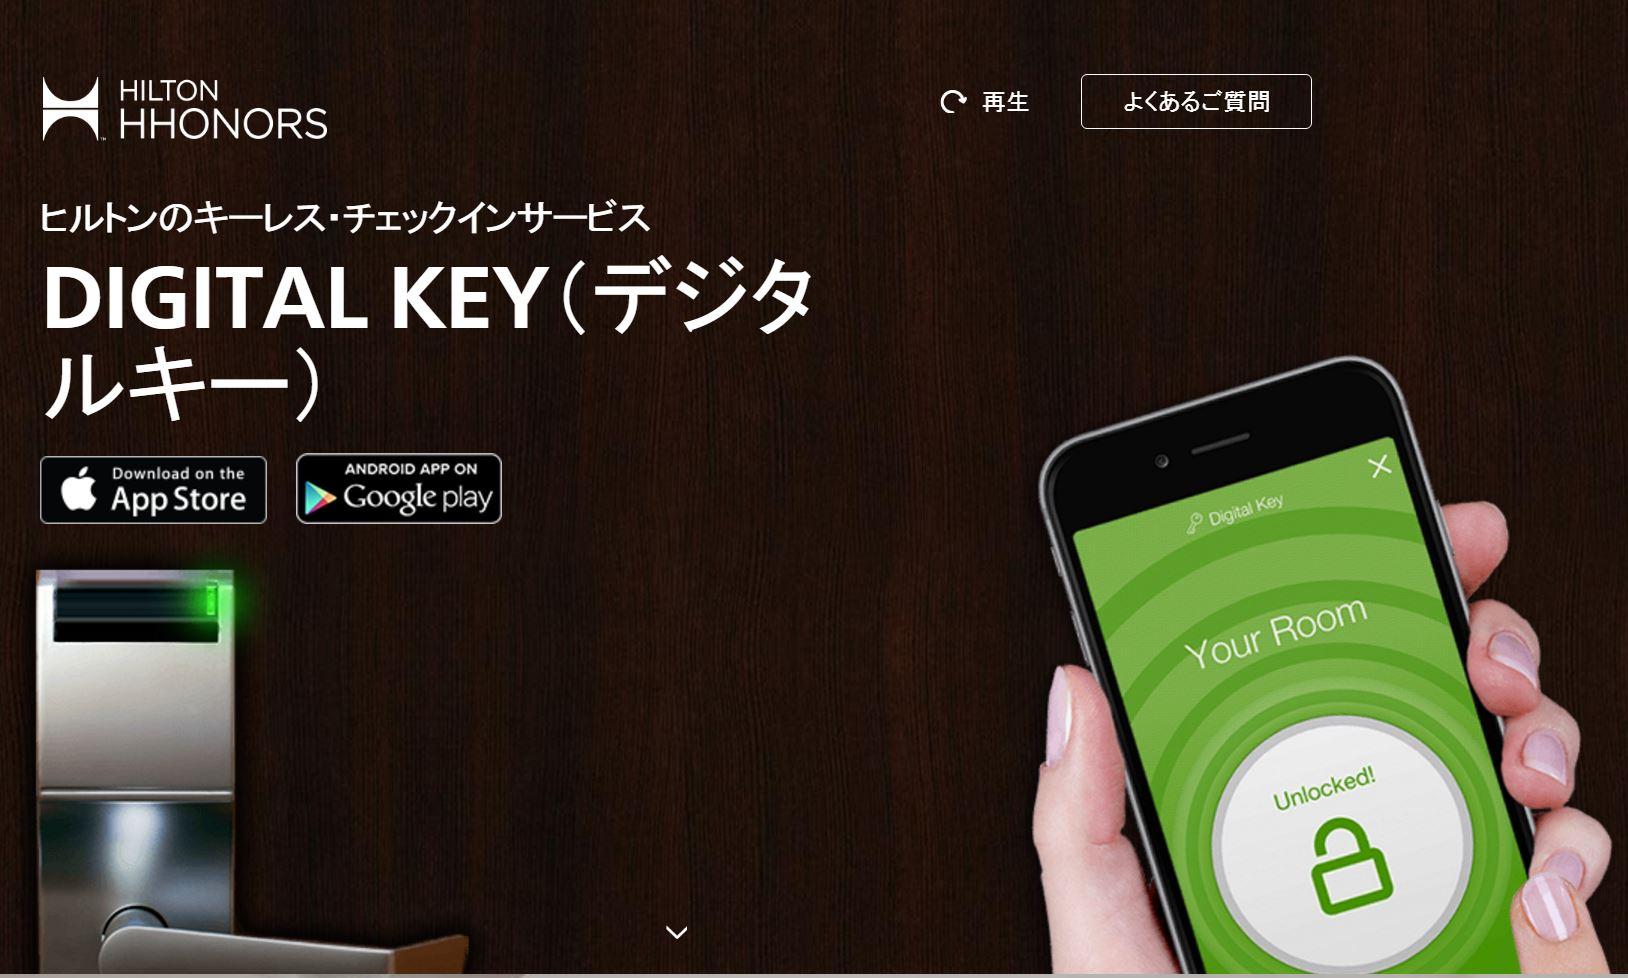 ヒルトンが日本事業を加速、国内でデジタルキー利用を可能に、施設数の拡大や客室改装など投資を積極化